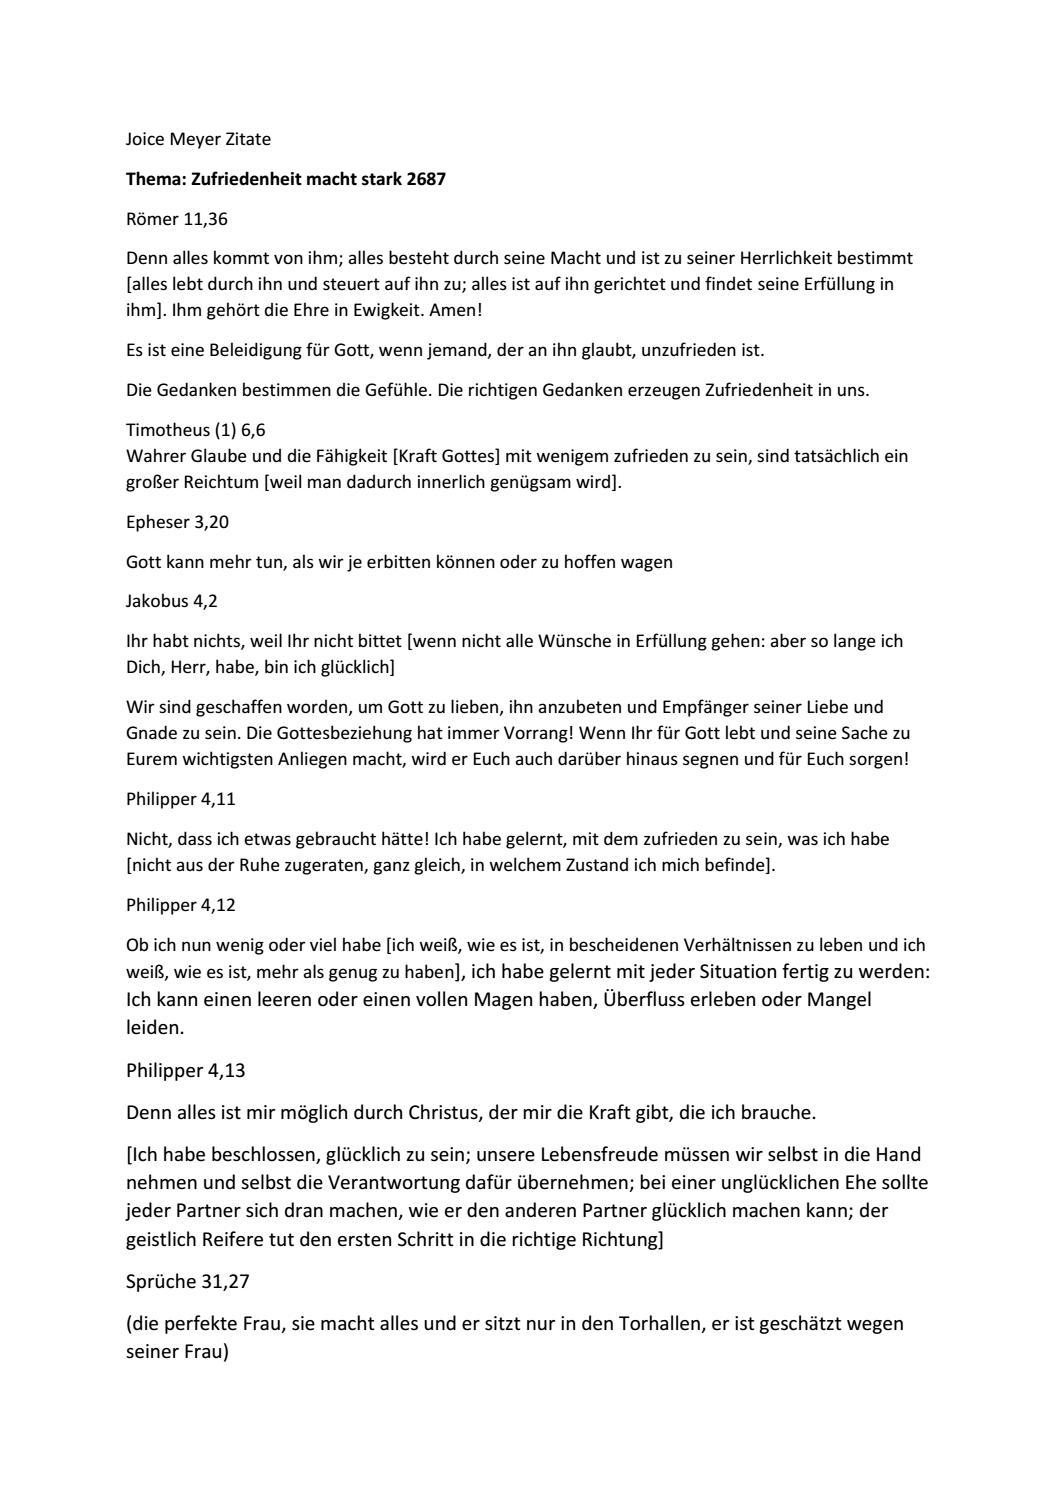 Predigerin Joyce Meyer Glaubenseinstellungen By Kruis Klaus